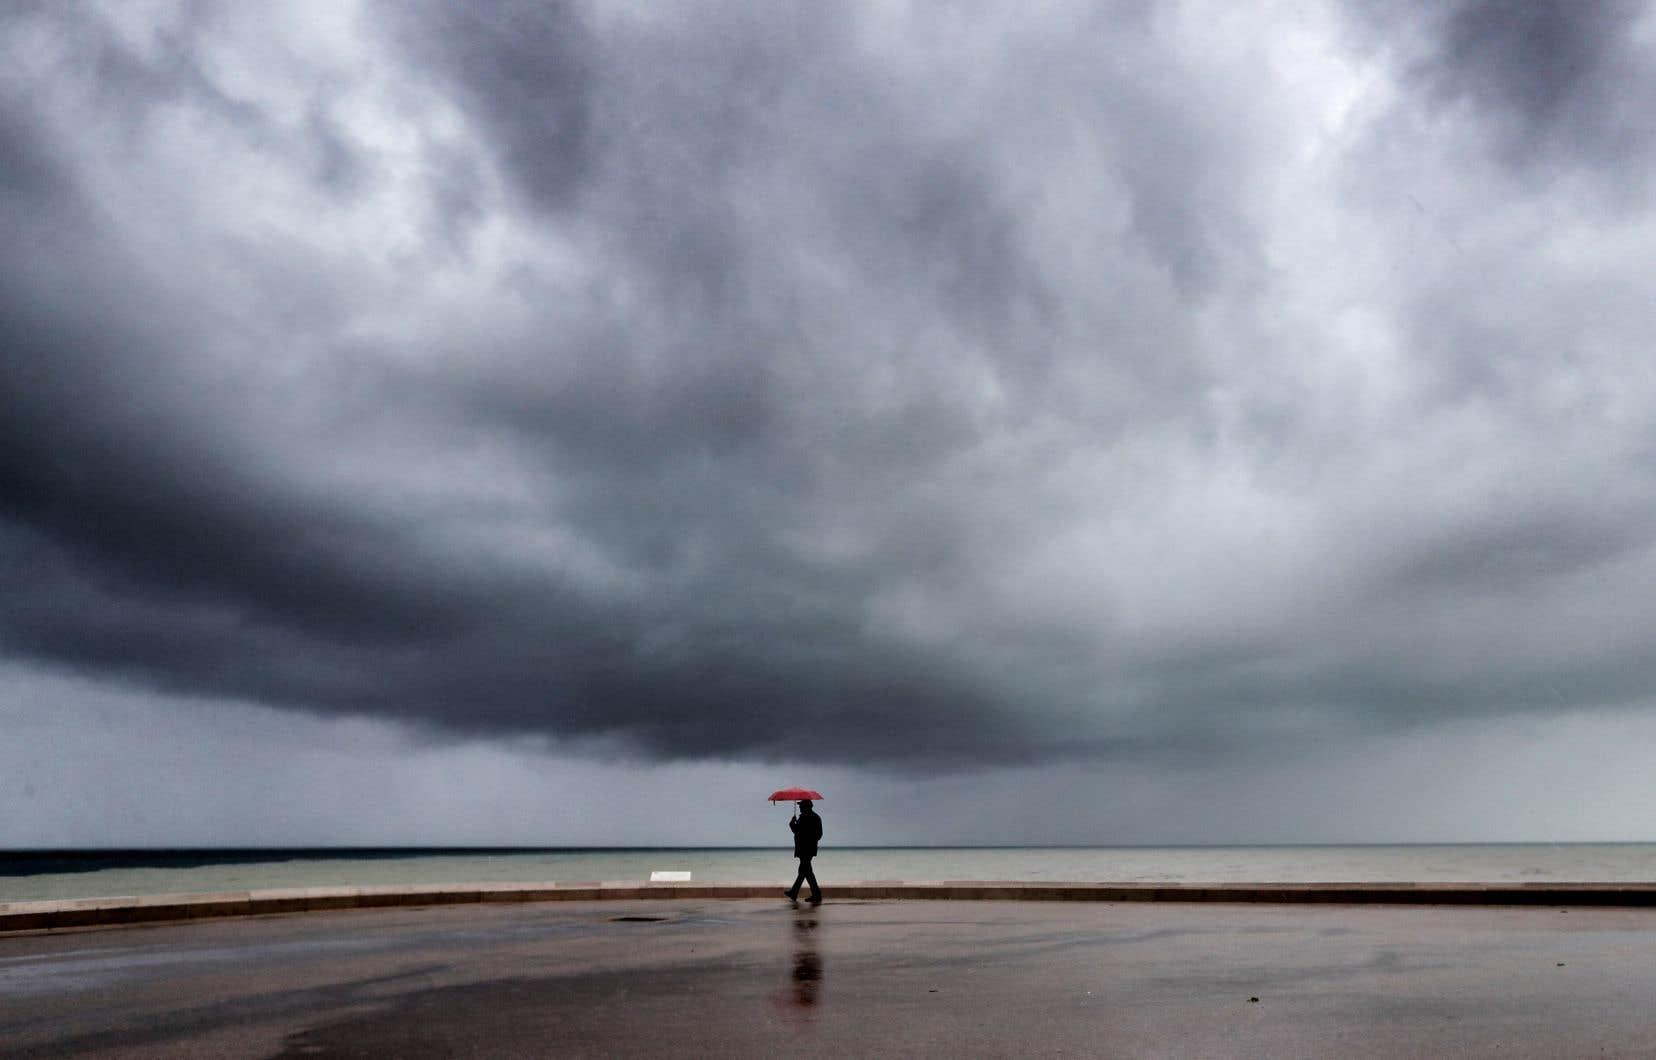 Le poète Christian Girard a surgi afin de nous alerter de ce que la météo nous réserve pour les prochaines semaines. Soyons francs, il serait étonnant que la chaîne MétéoMédia s'empresse de l'embaucher.